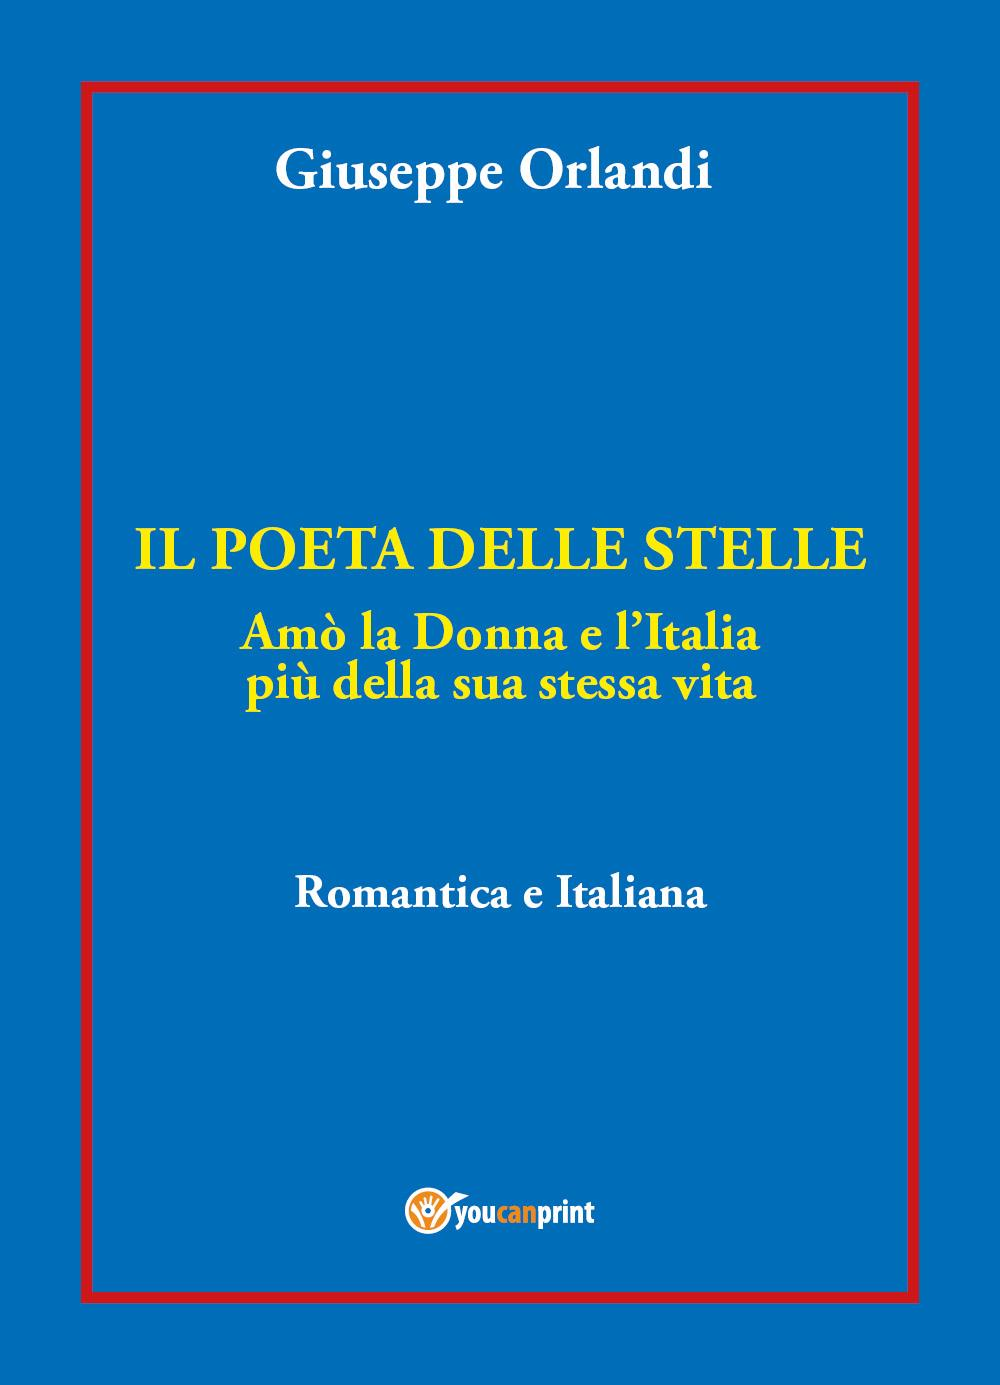 Il poeta delle Stelle. Amò la donna e l'Italia più della sua stessa vita